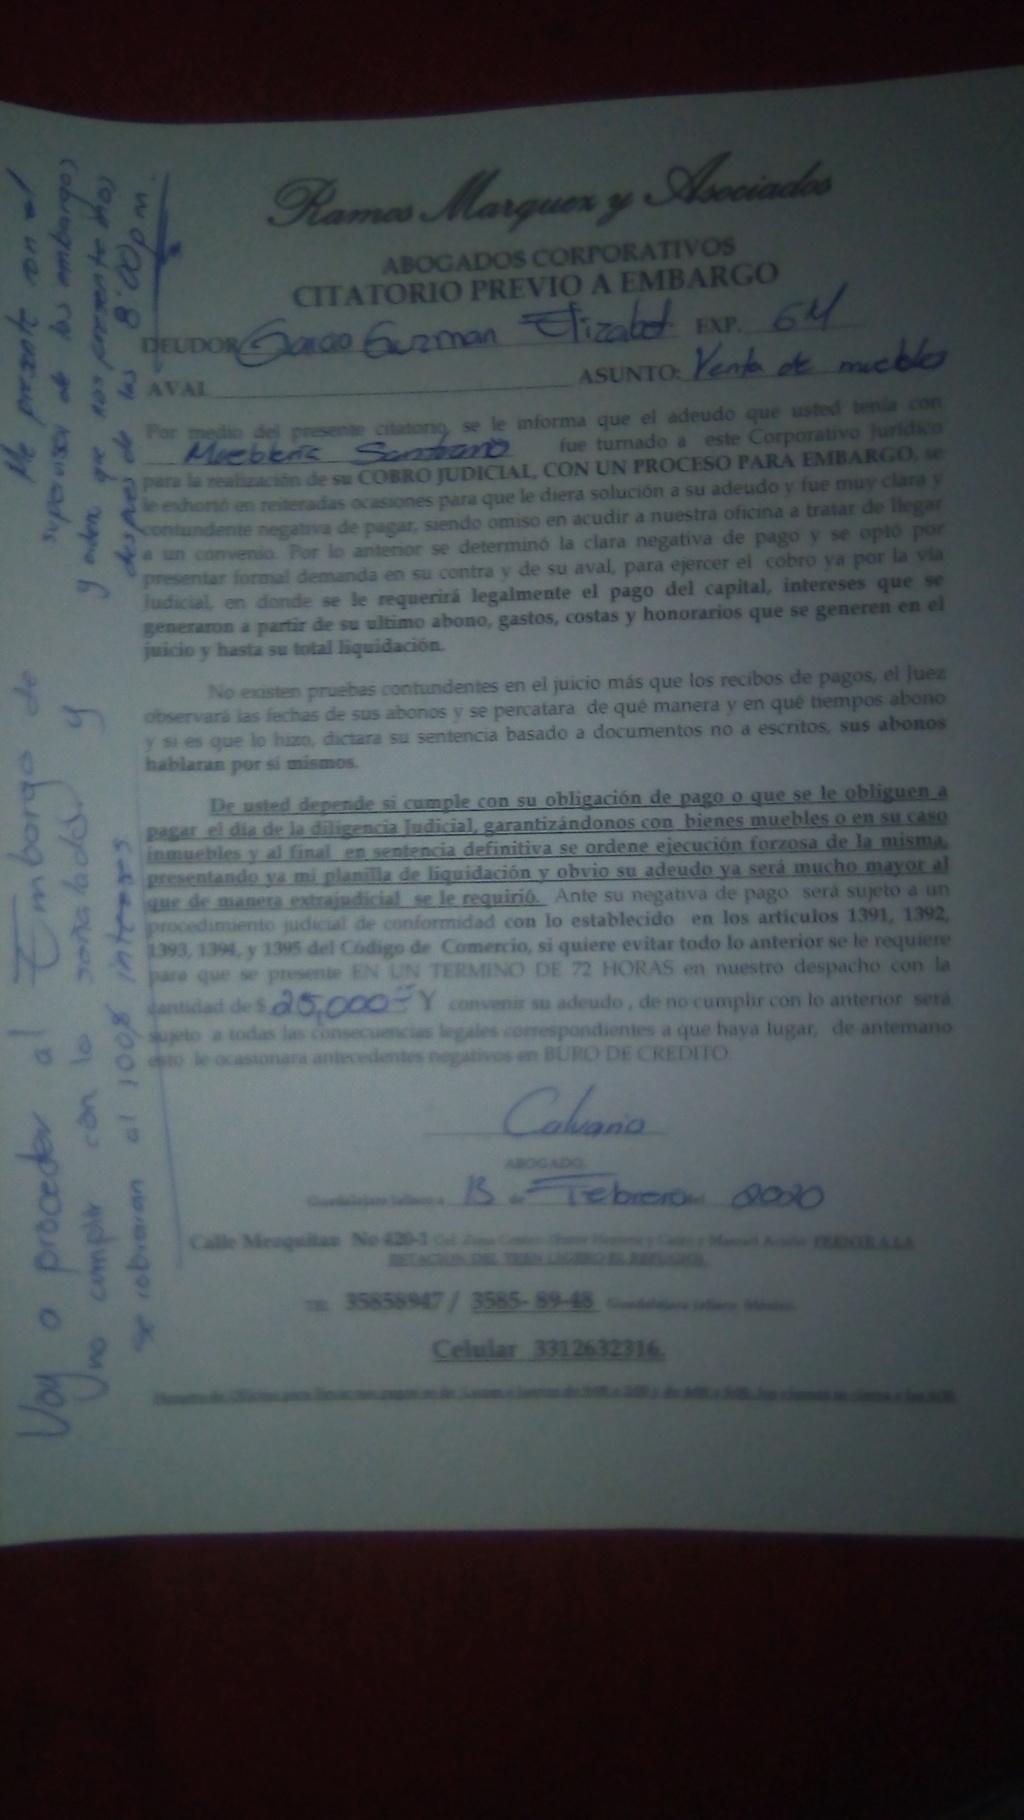 NOTIFICACIÓN DE EMBARGO MUEBLERÍA SANTUARIO Img_2010